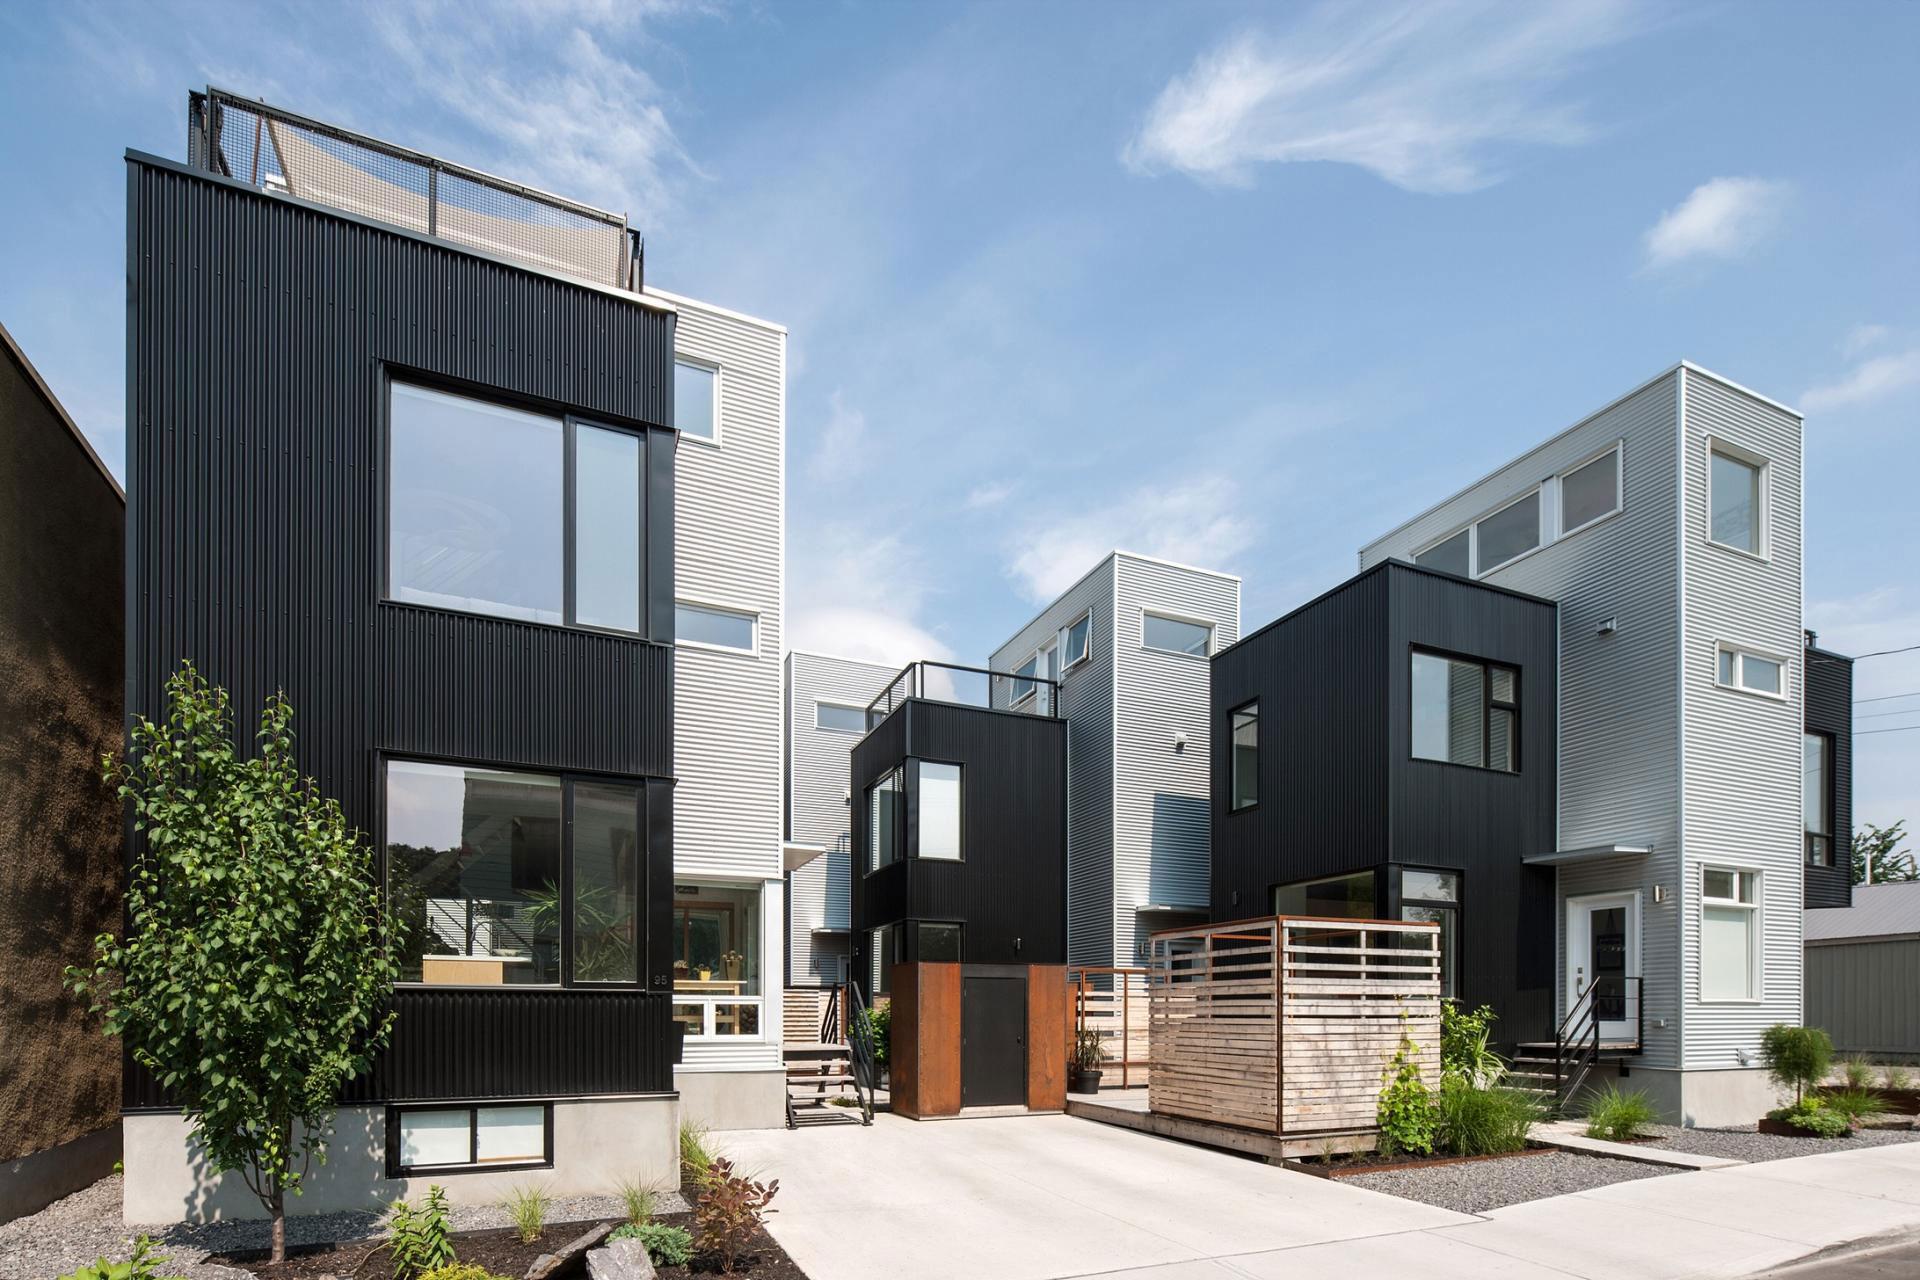 The Hintonburg Six Multi-unit Development by Colizza Bruni Architecture-03